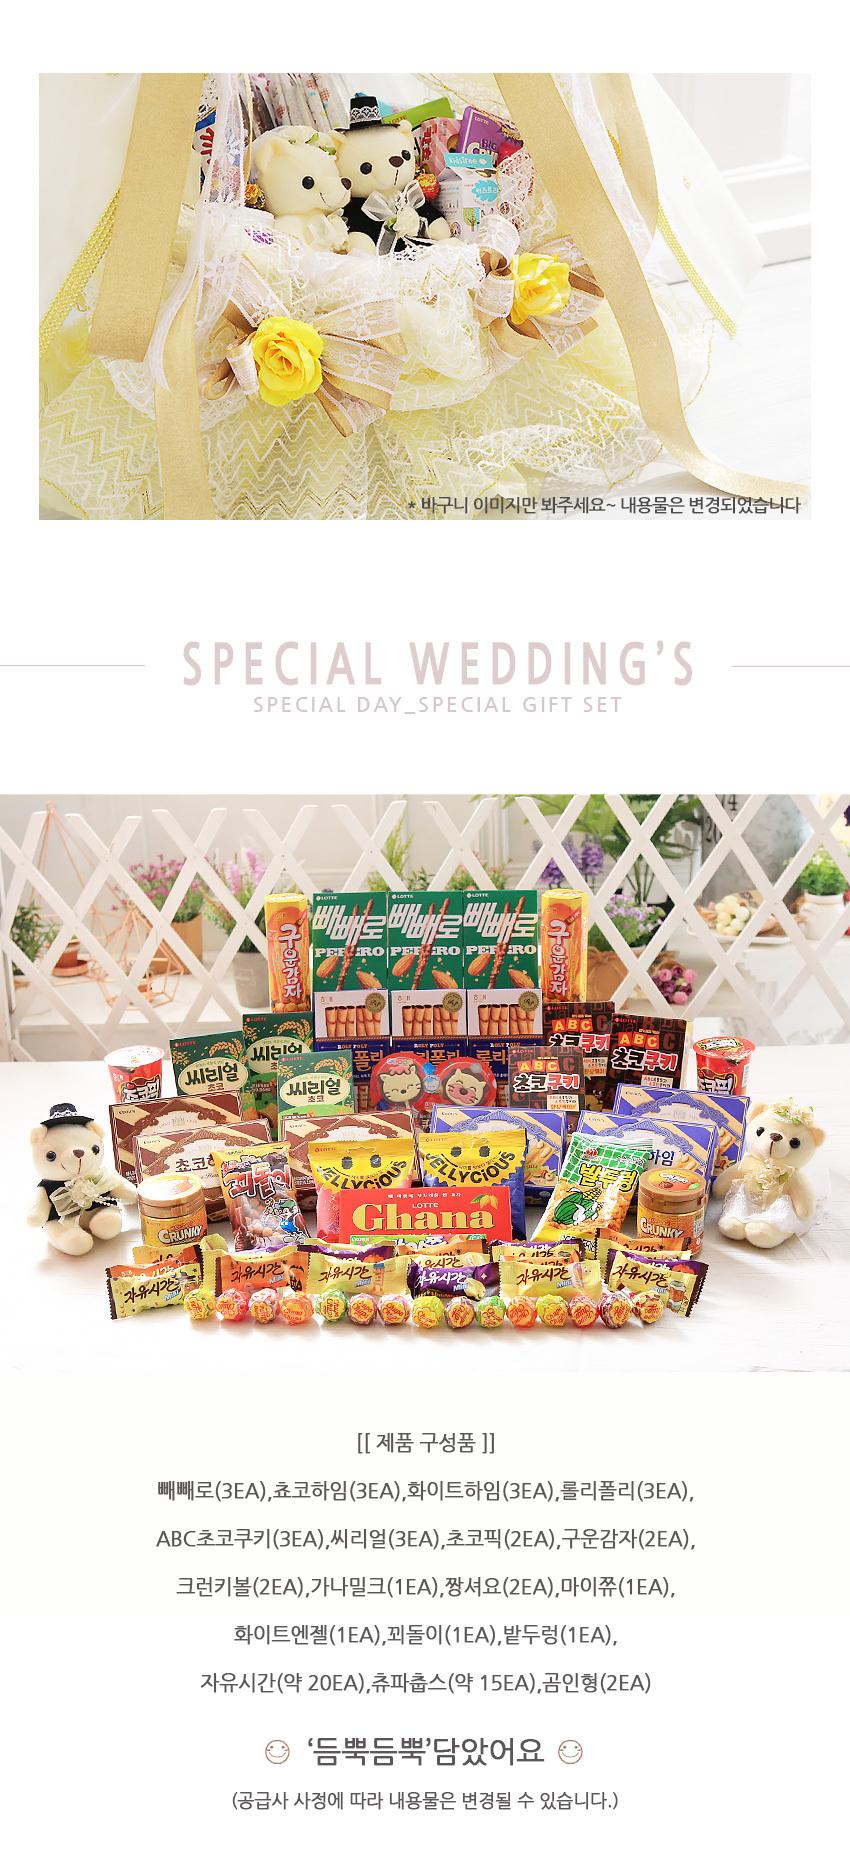 스페셜웨딩바구니(화이트) 화이트데이 - 알사탕닷컴, 150,000원, 초콜릿/사탕, 사탕